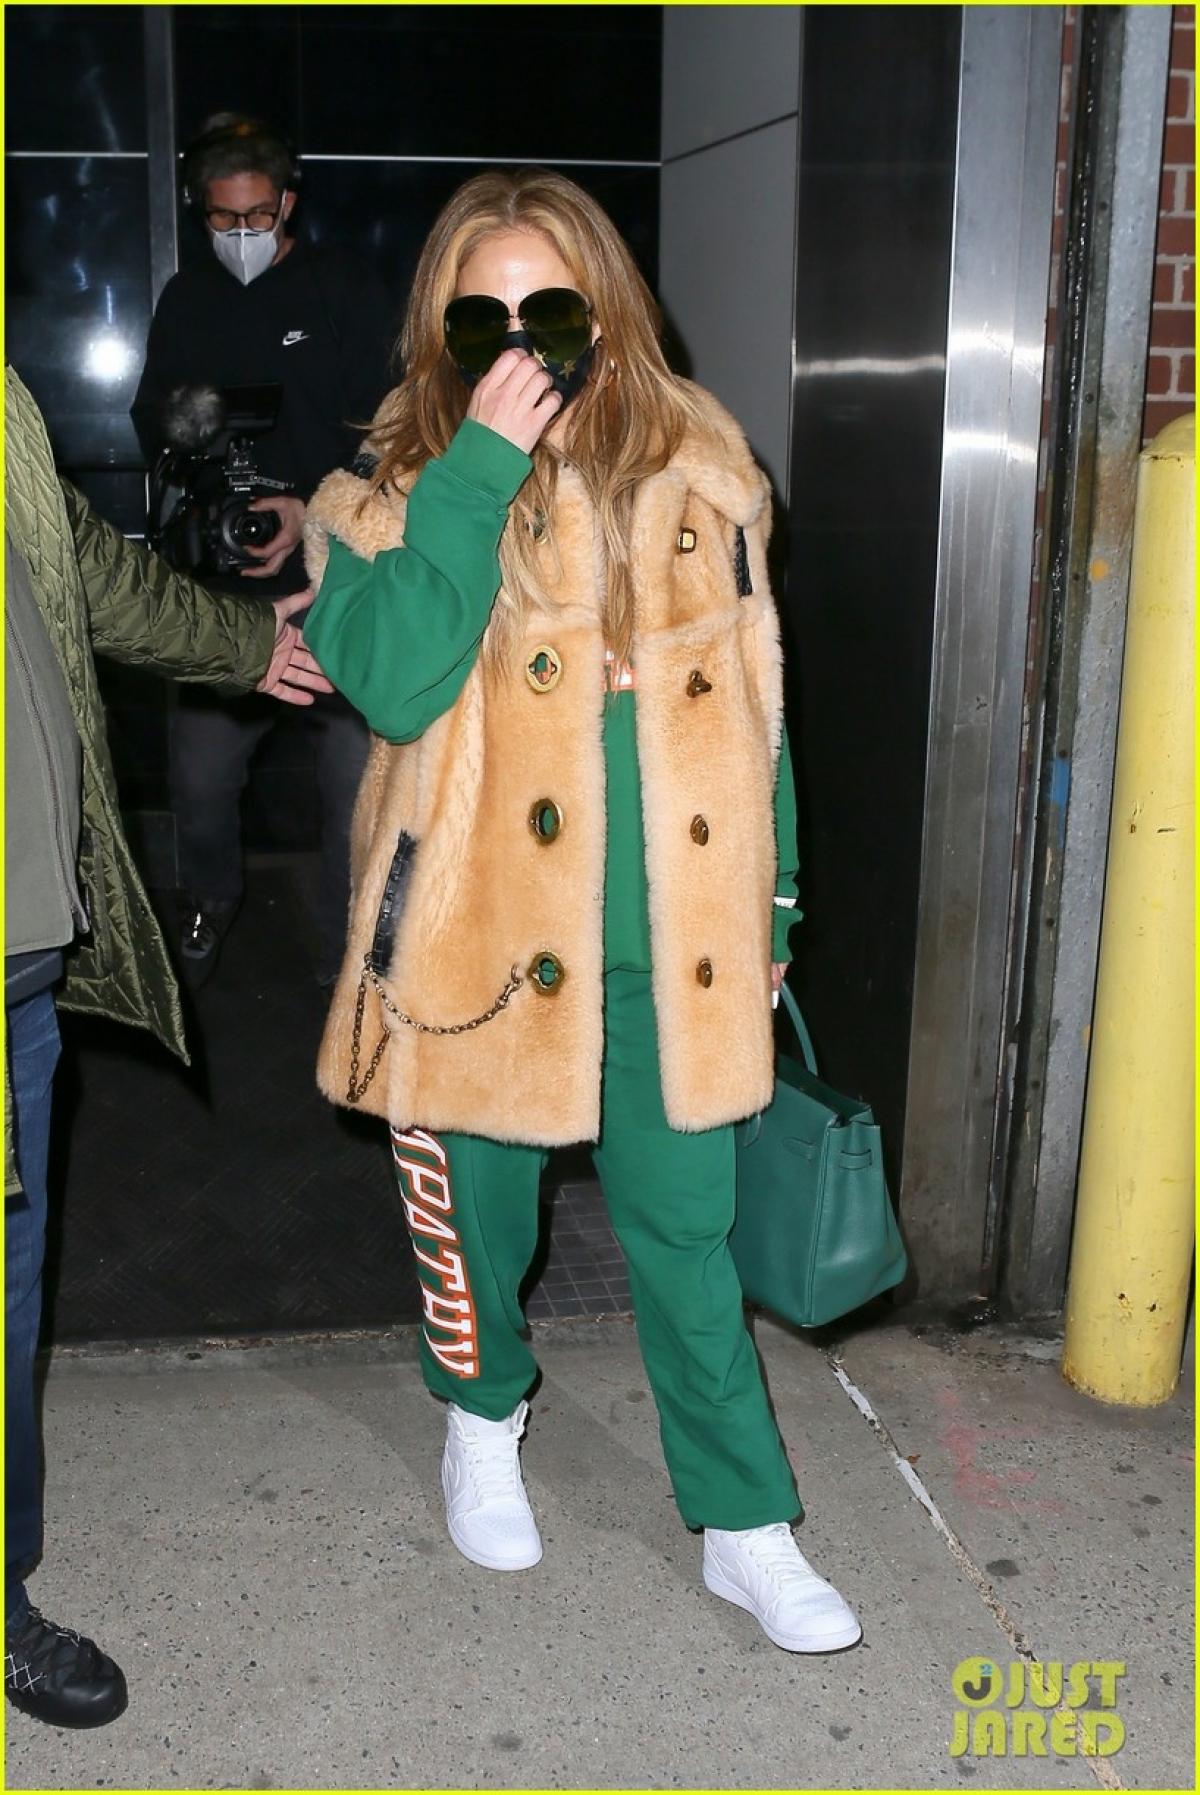 Nữ ca sĩ diện set đồ thể thao và áo khoác lông thú ra phố.